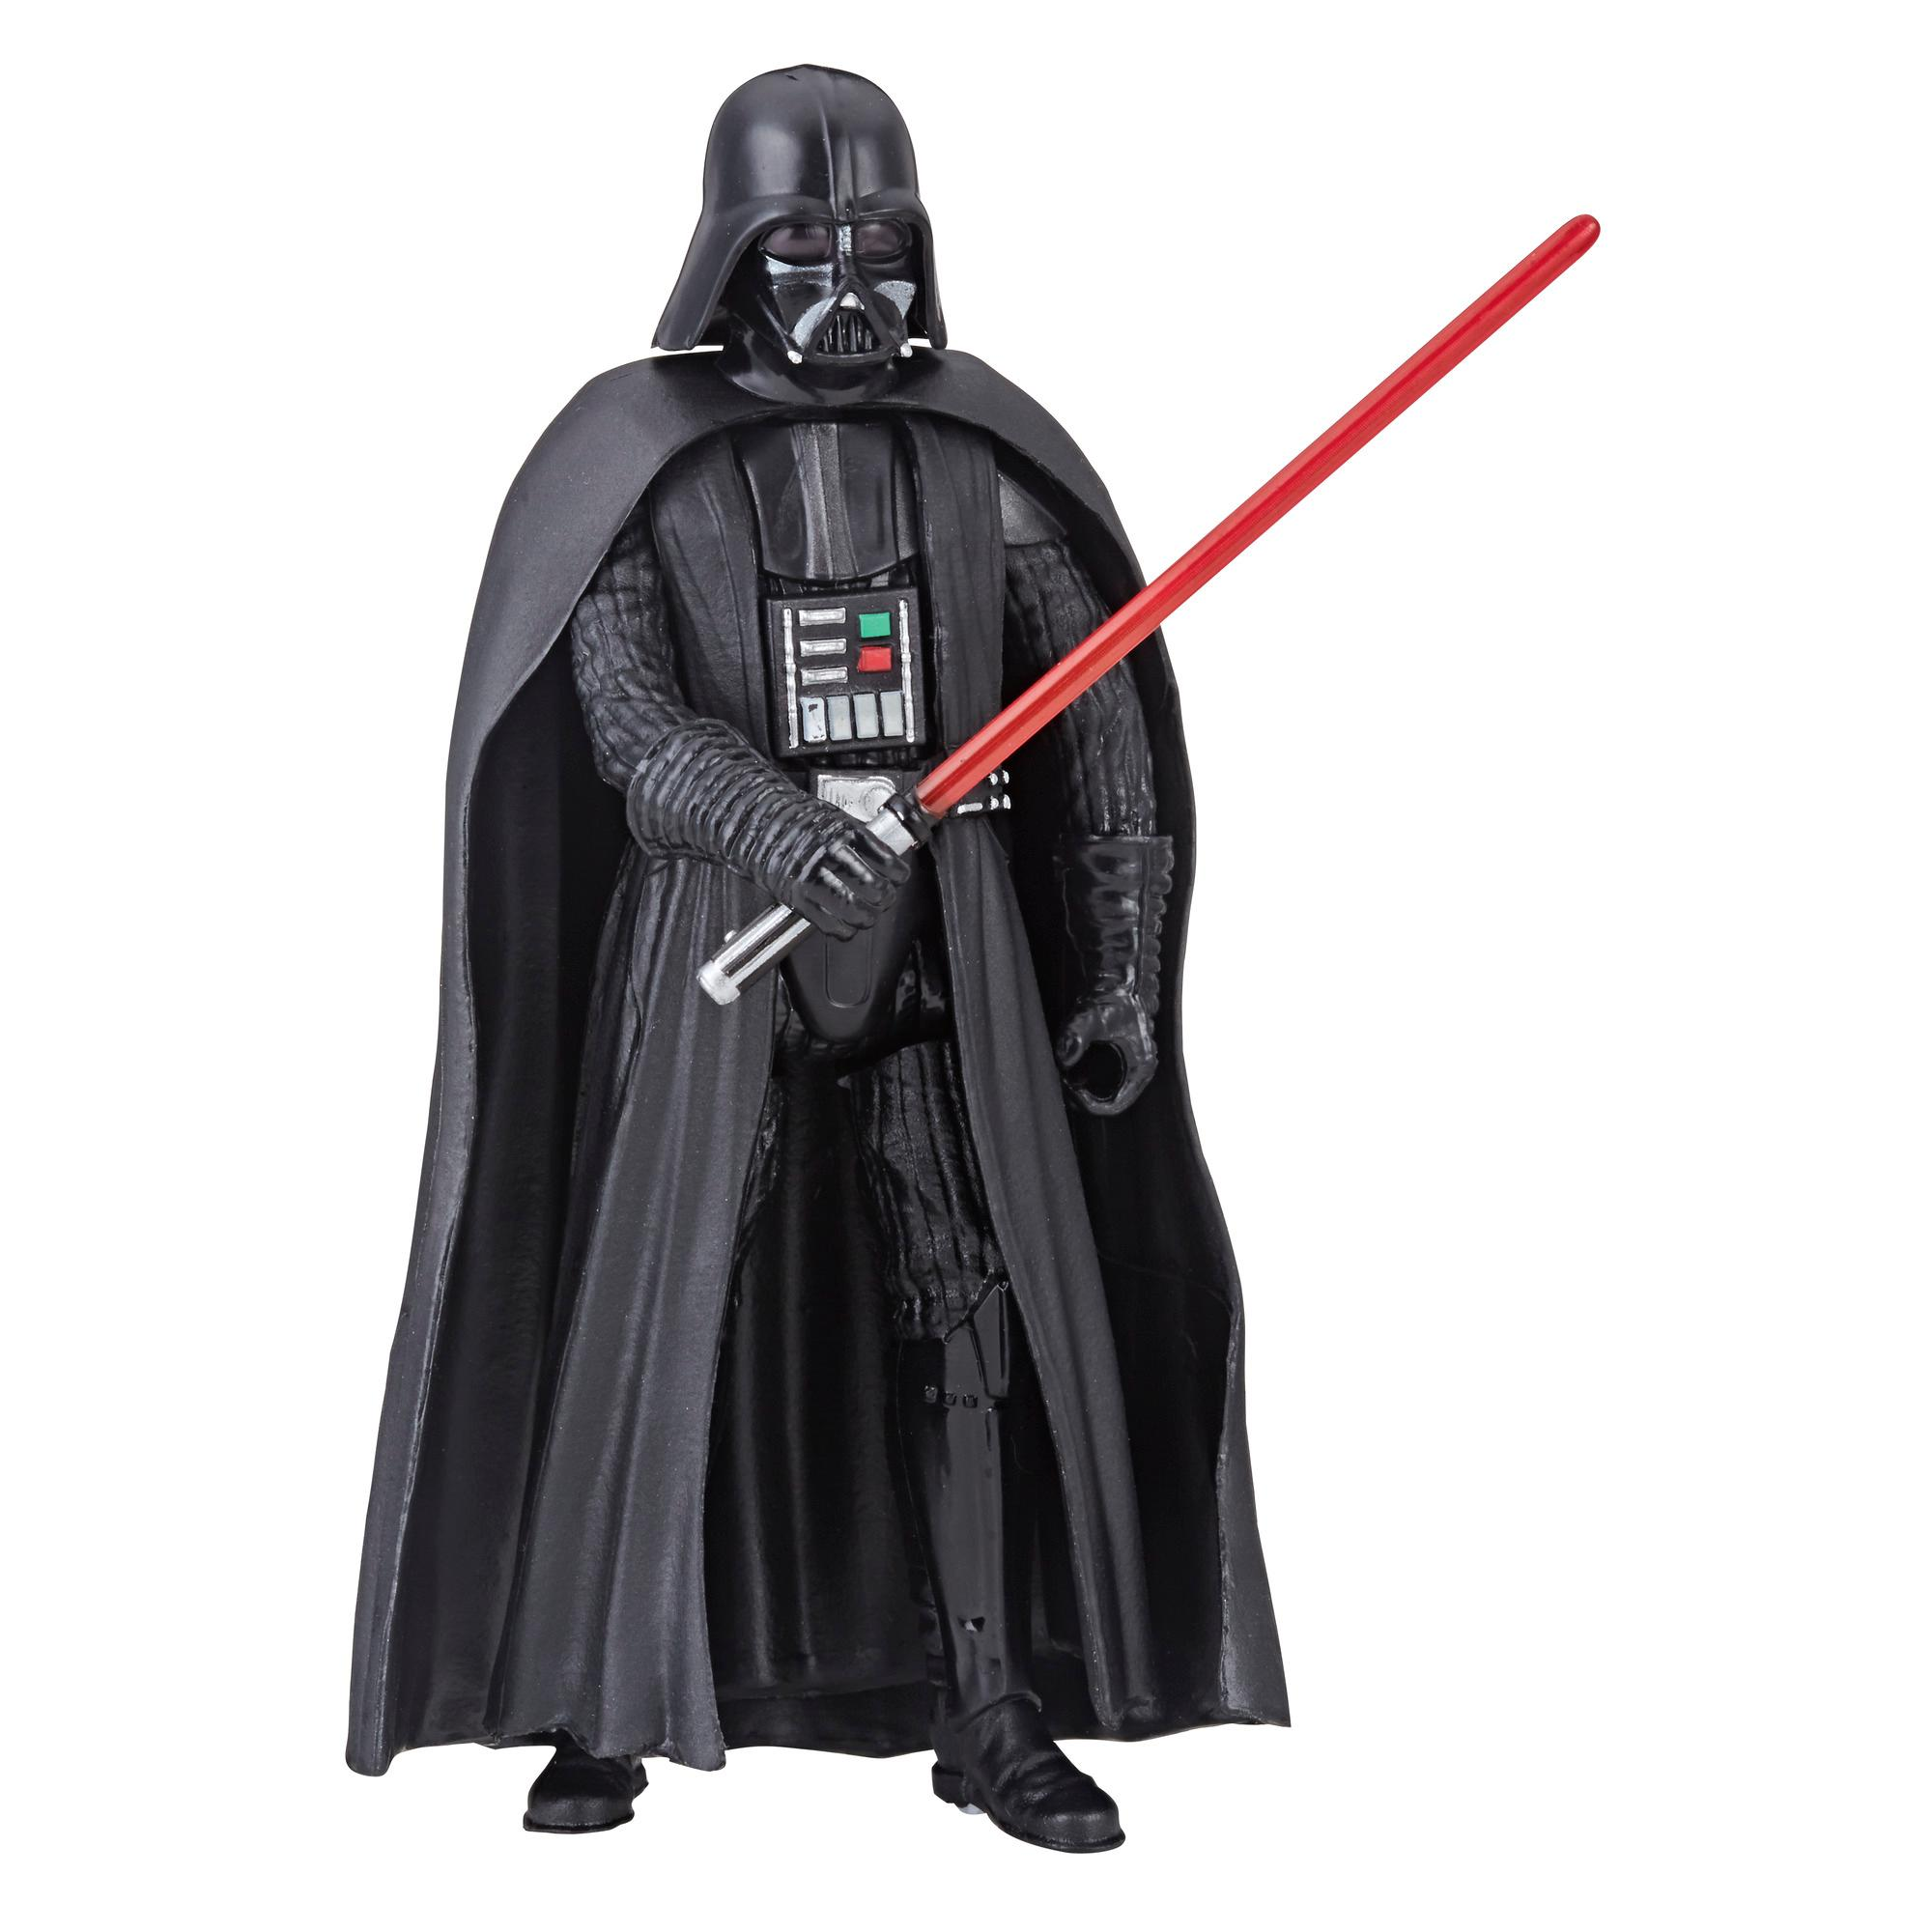 Star Wars Galaxy of Adventures - Figura de Darth Vader y minihistorieta